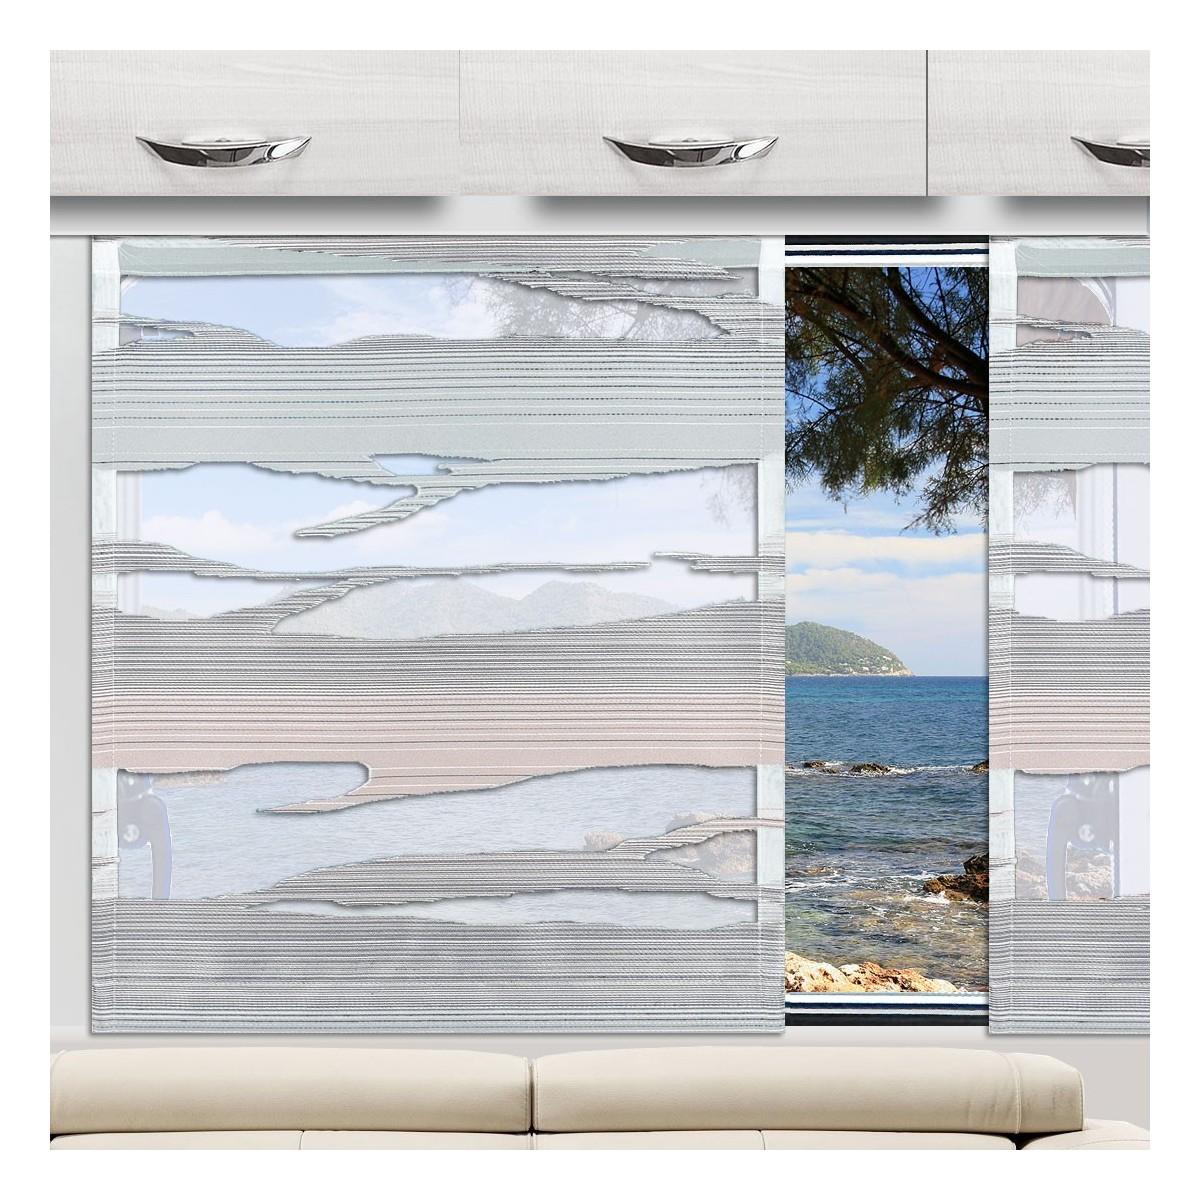 Schiebevorhang Eltje grau-grün an einem Caravanfenster